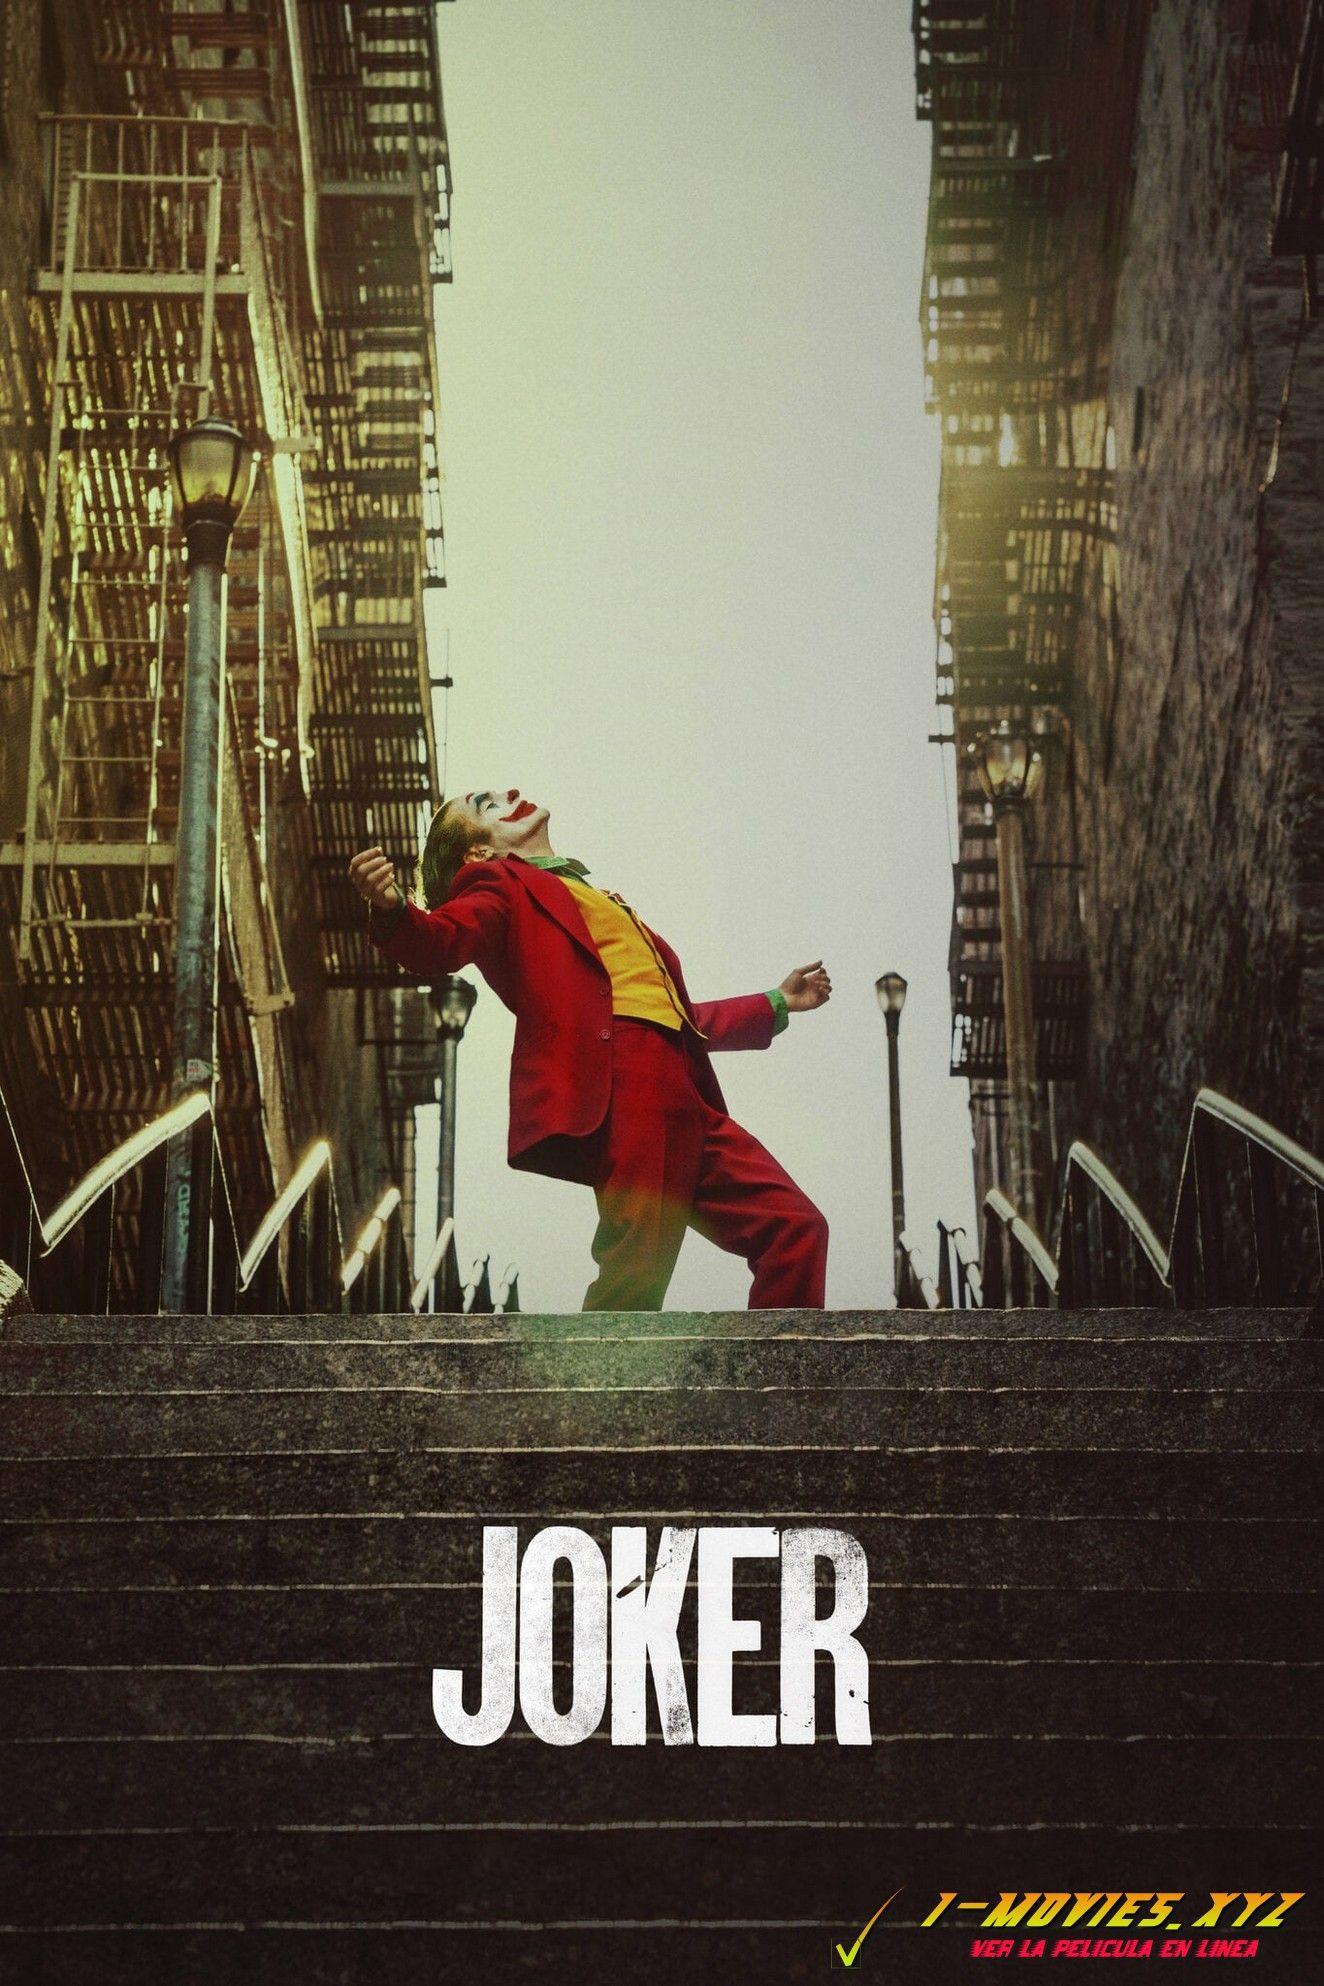 Joker Película Completa En Español Online Joker El Guasón Peliculas Completas En Castellano